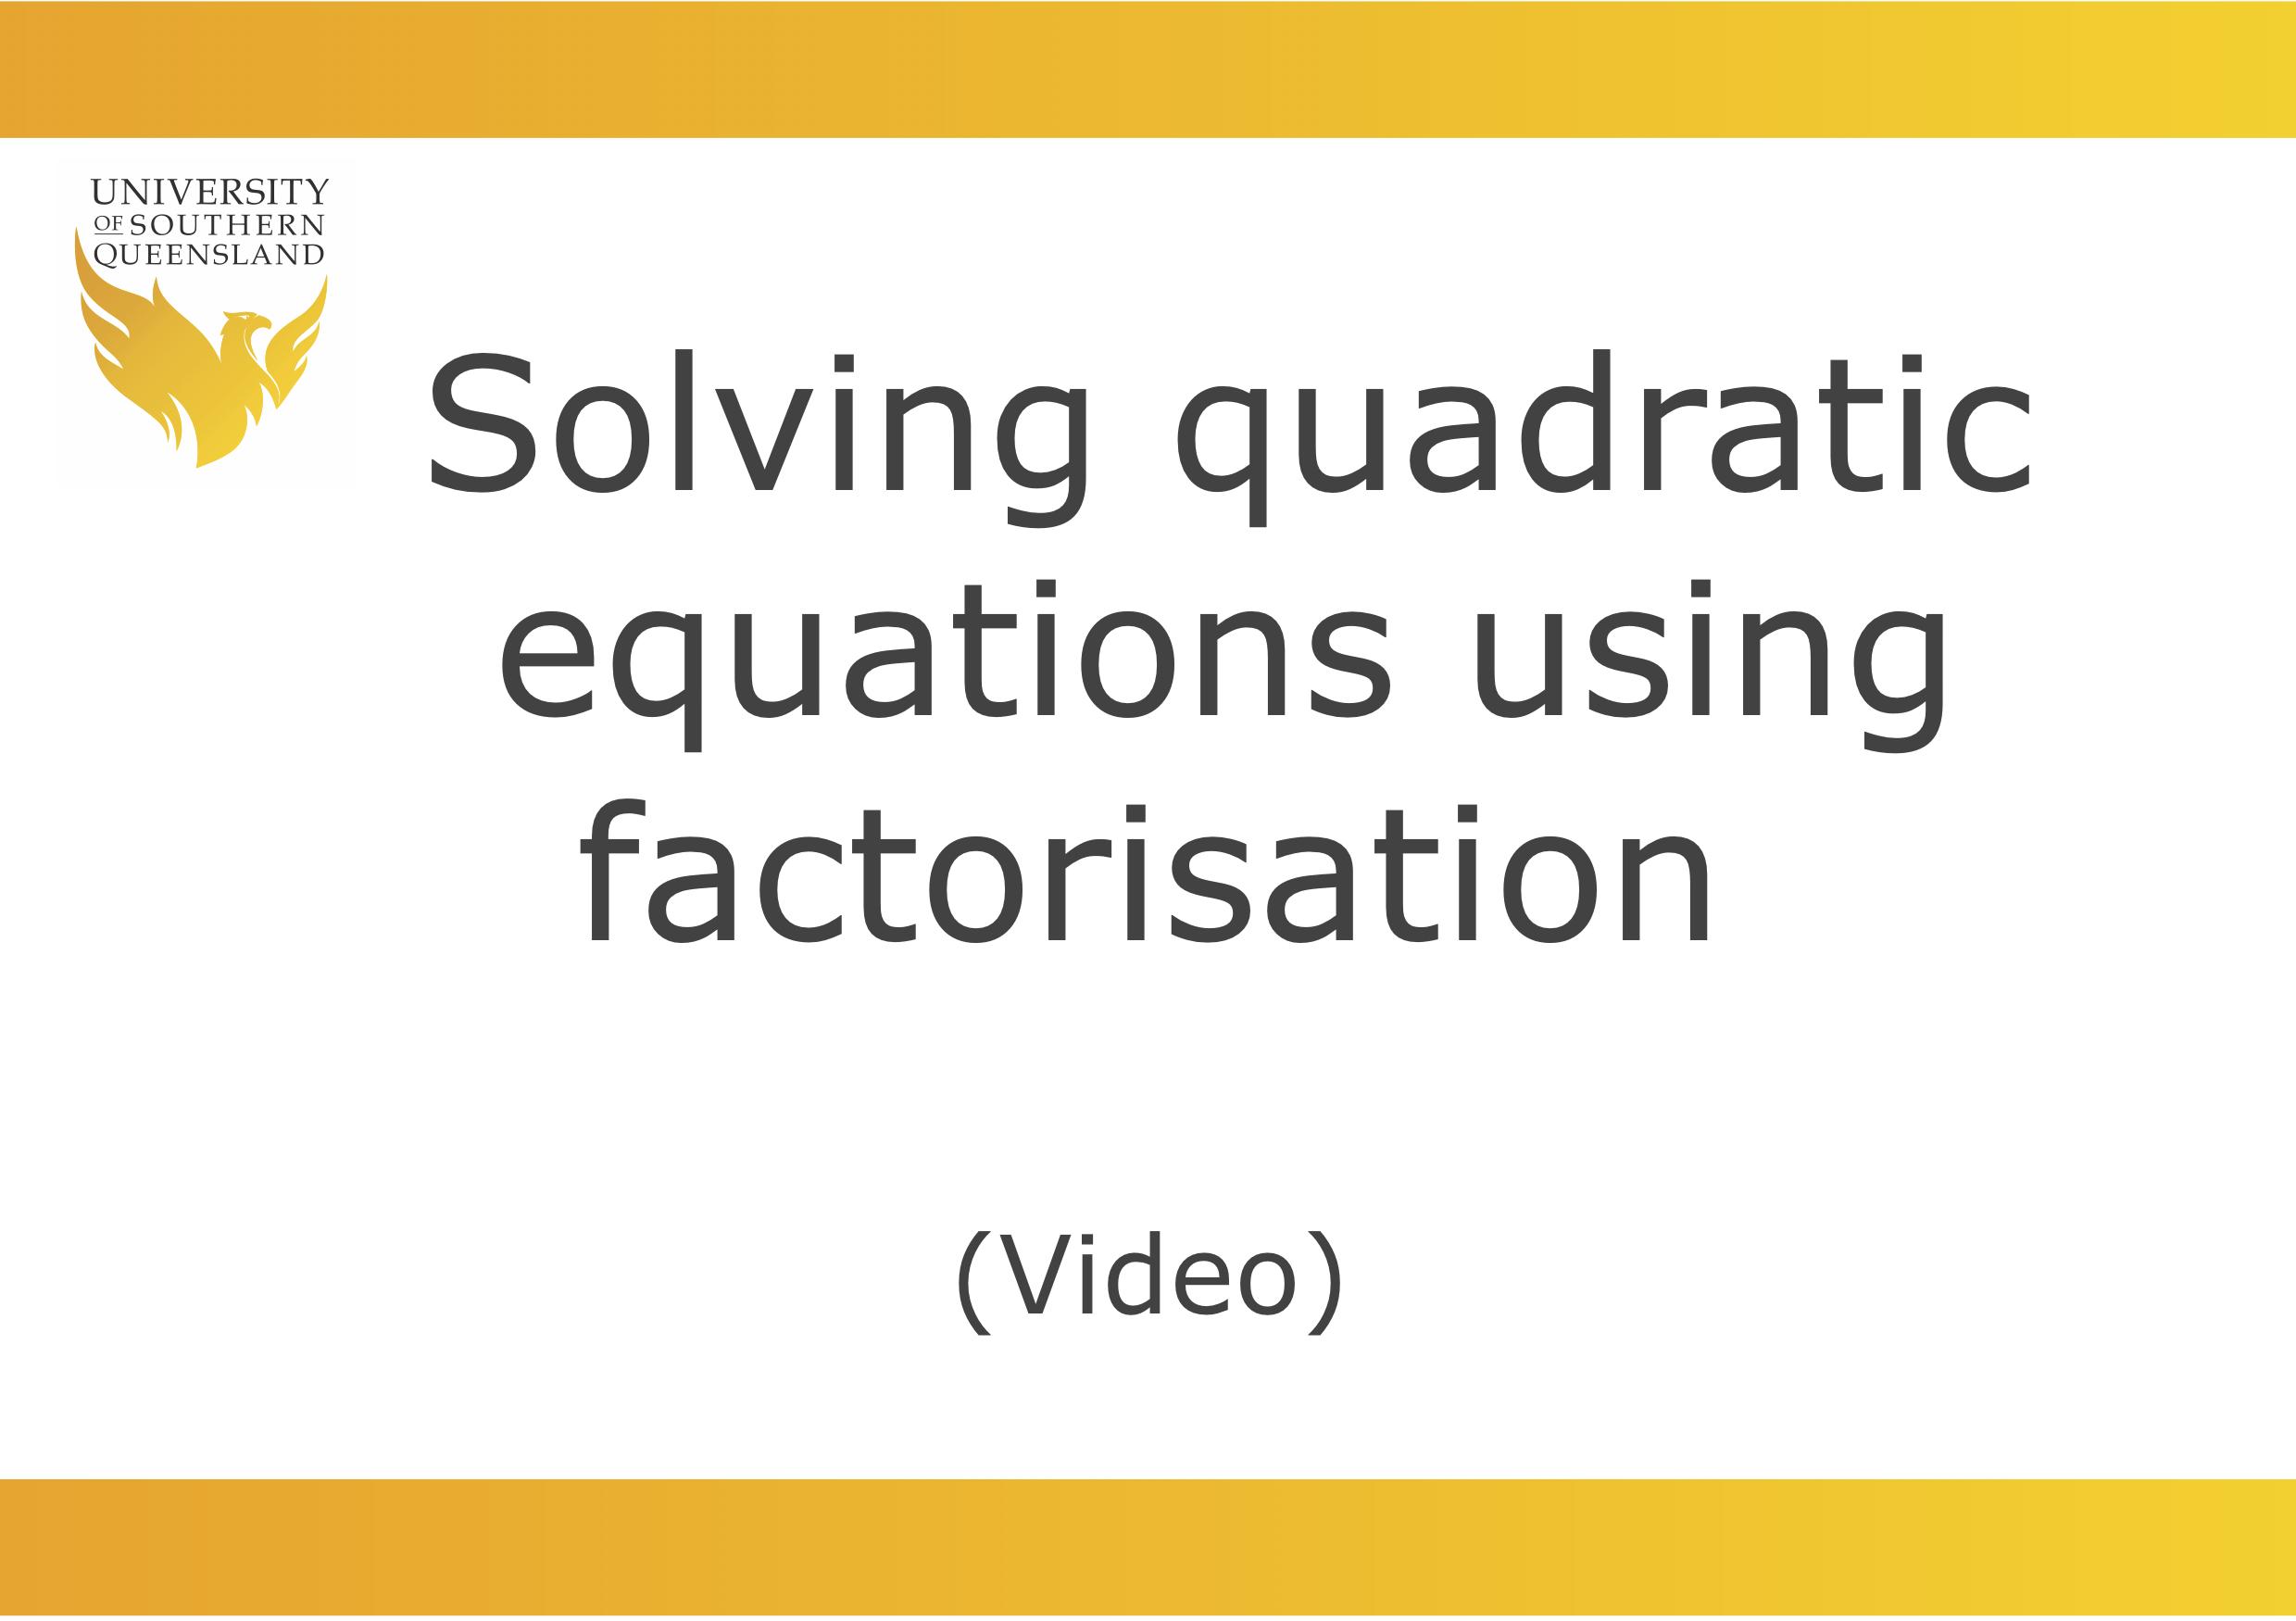 Solving quadratic equations using factorisation video